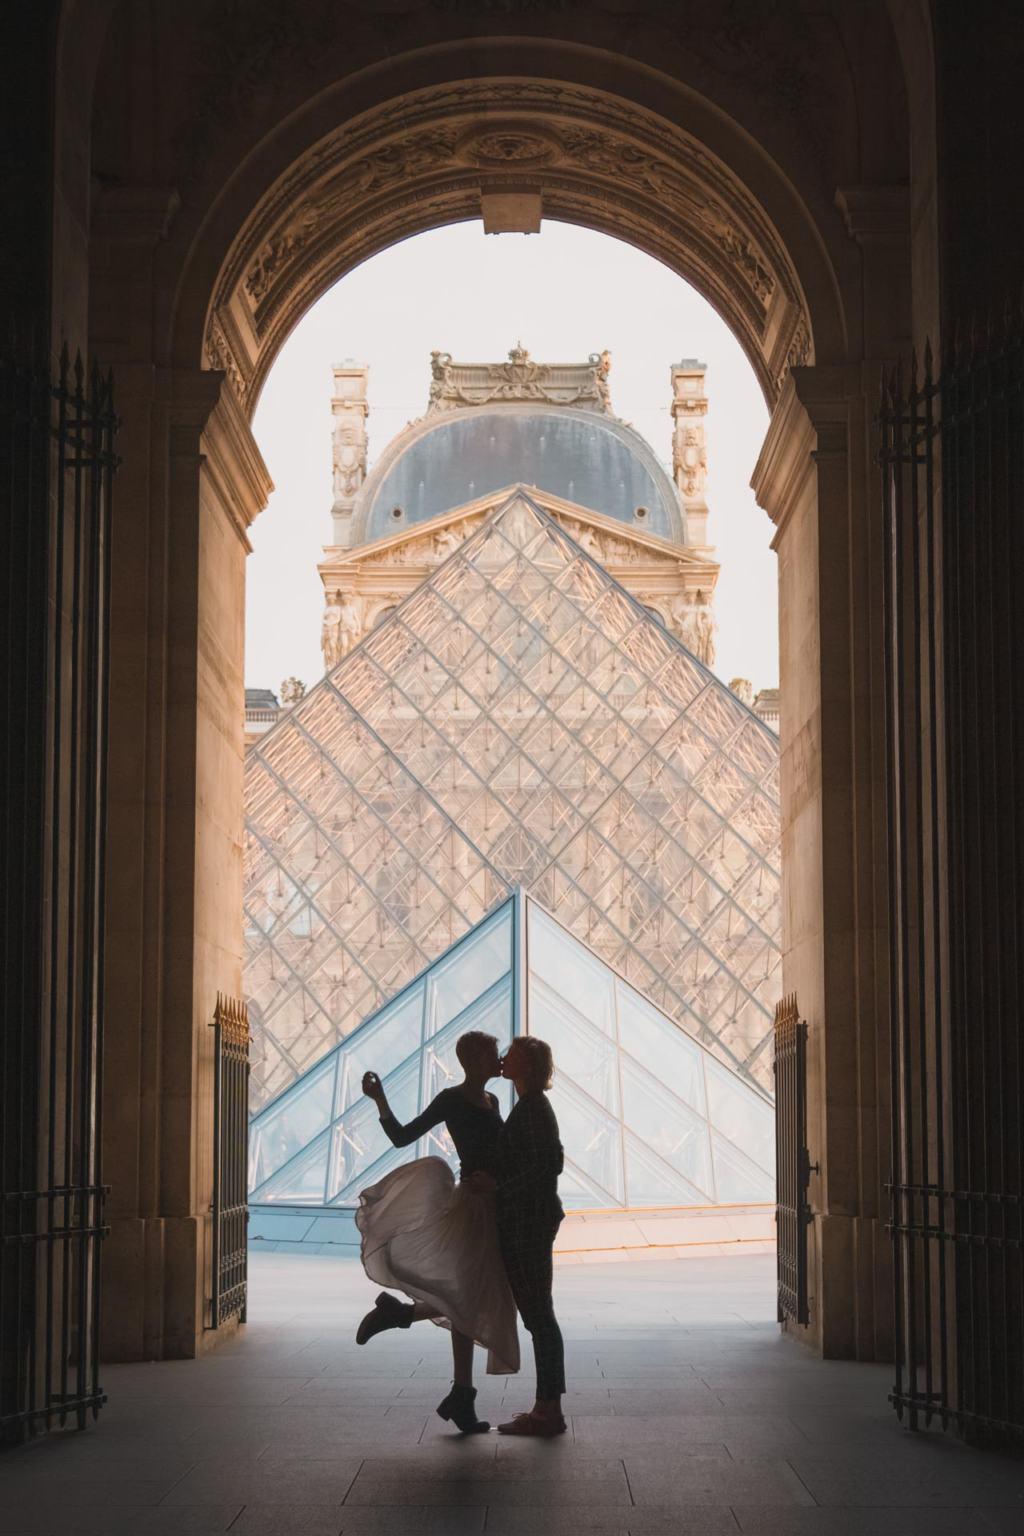 Louvre Pyramid, silhouette photography, Musée du Louvre, sunset, Paris